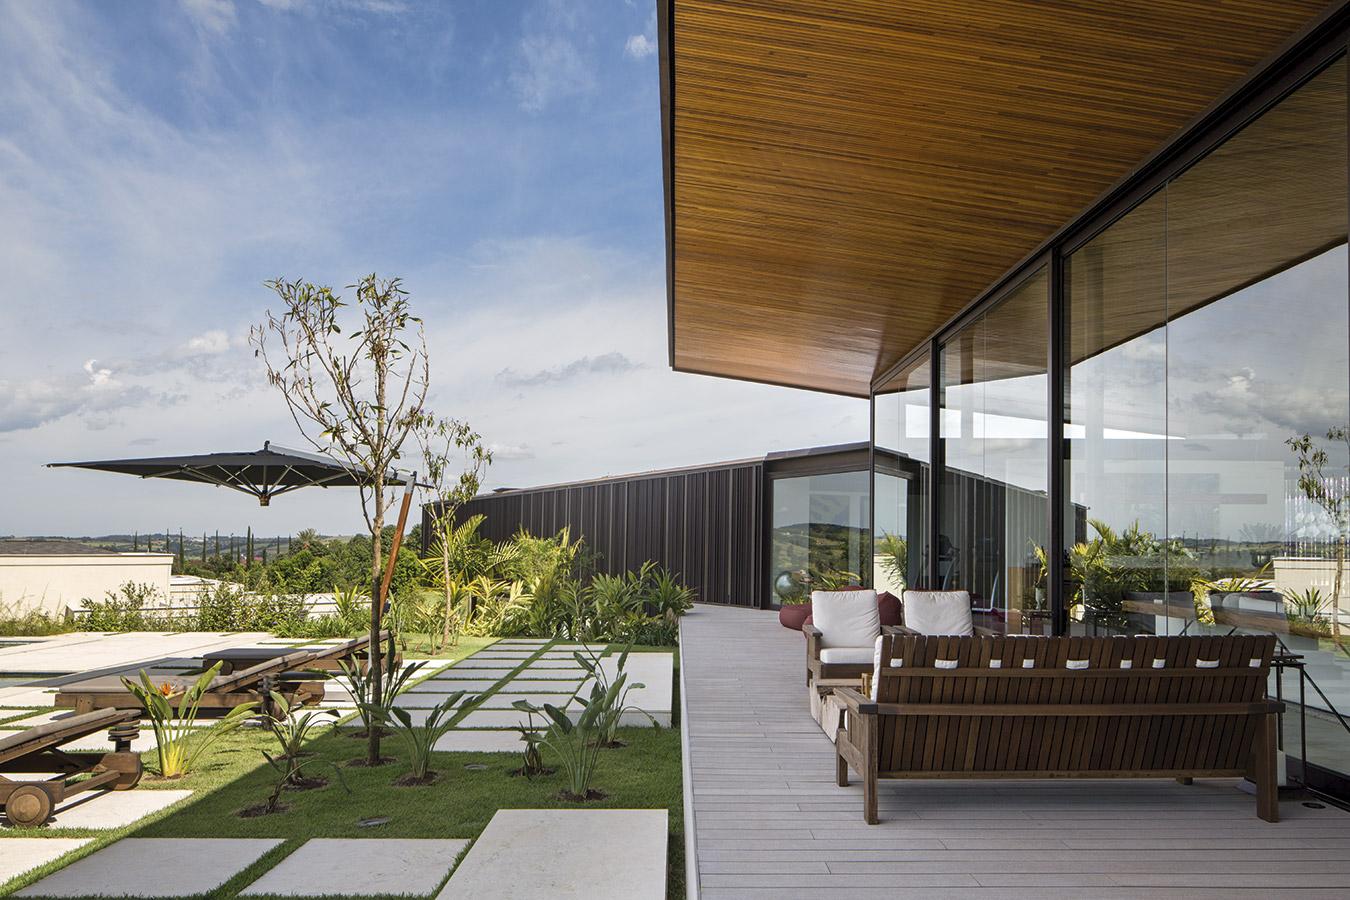 La sala de estar se proyecta hacia el exterior a través de un deck, protegido por el techo que vuela sobre él. Los sillones exteriores son diseño de Carlos Mota.